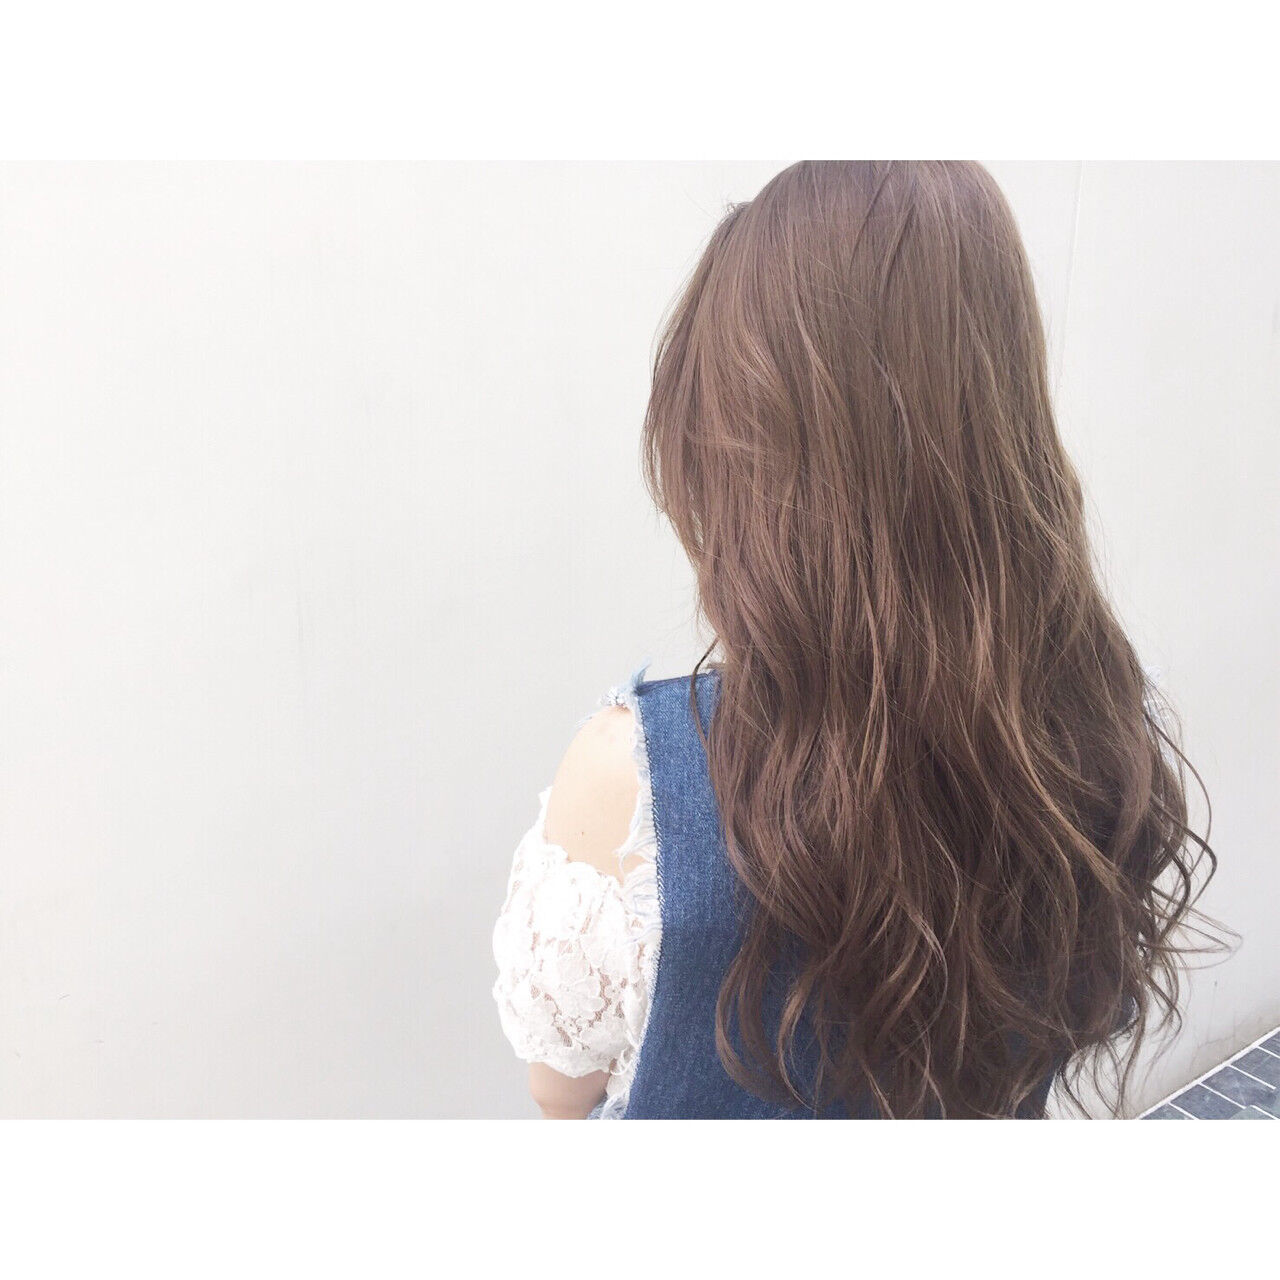 アッシュ ロング フェミニン 外国人風ヘアスタイルや髪型の写真・画像